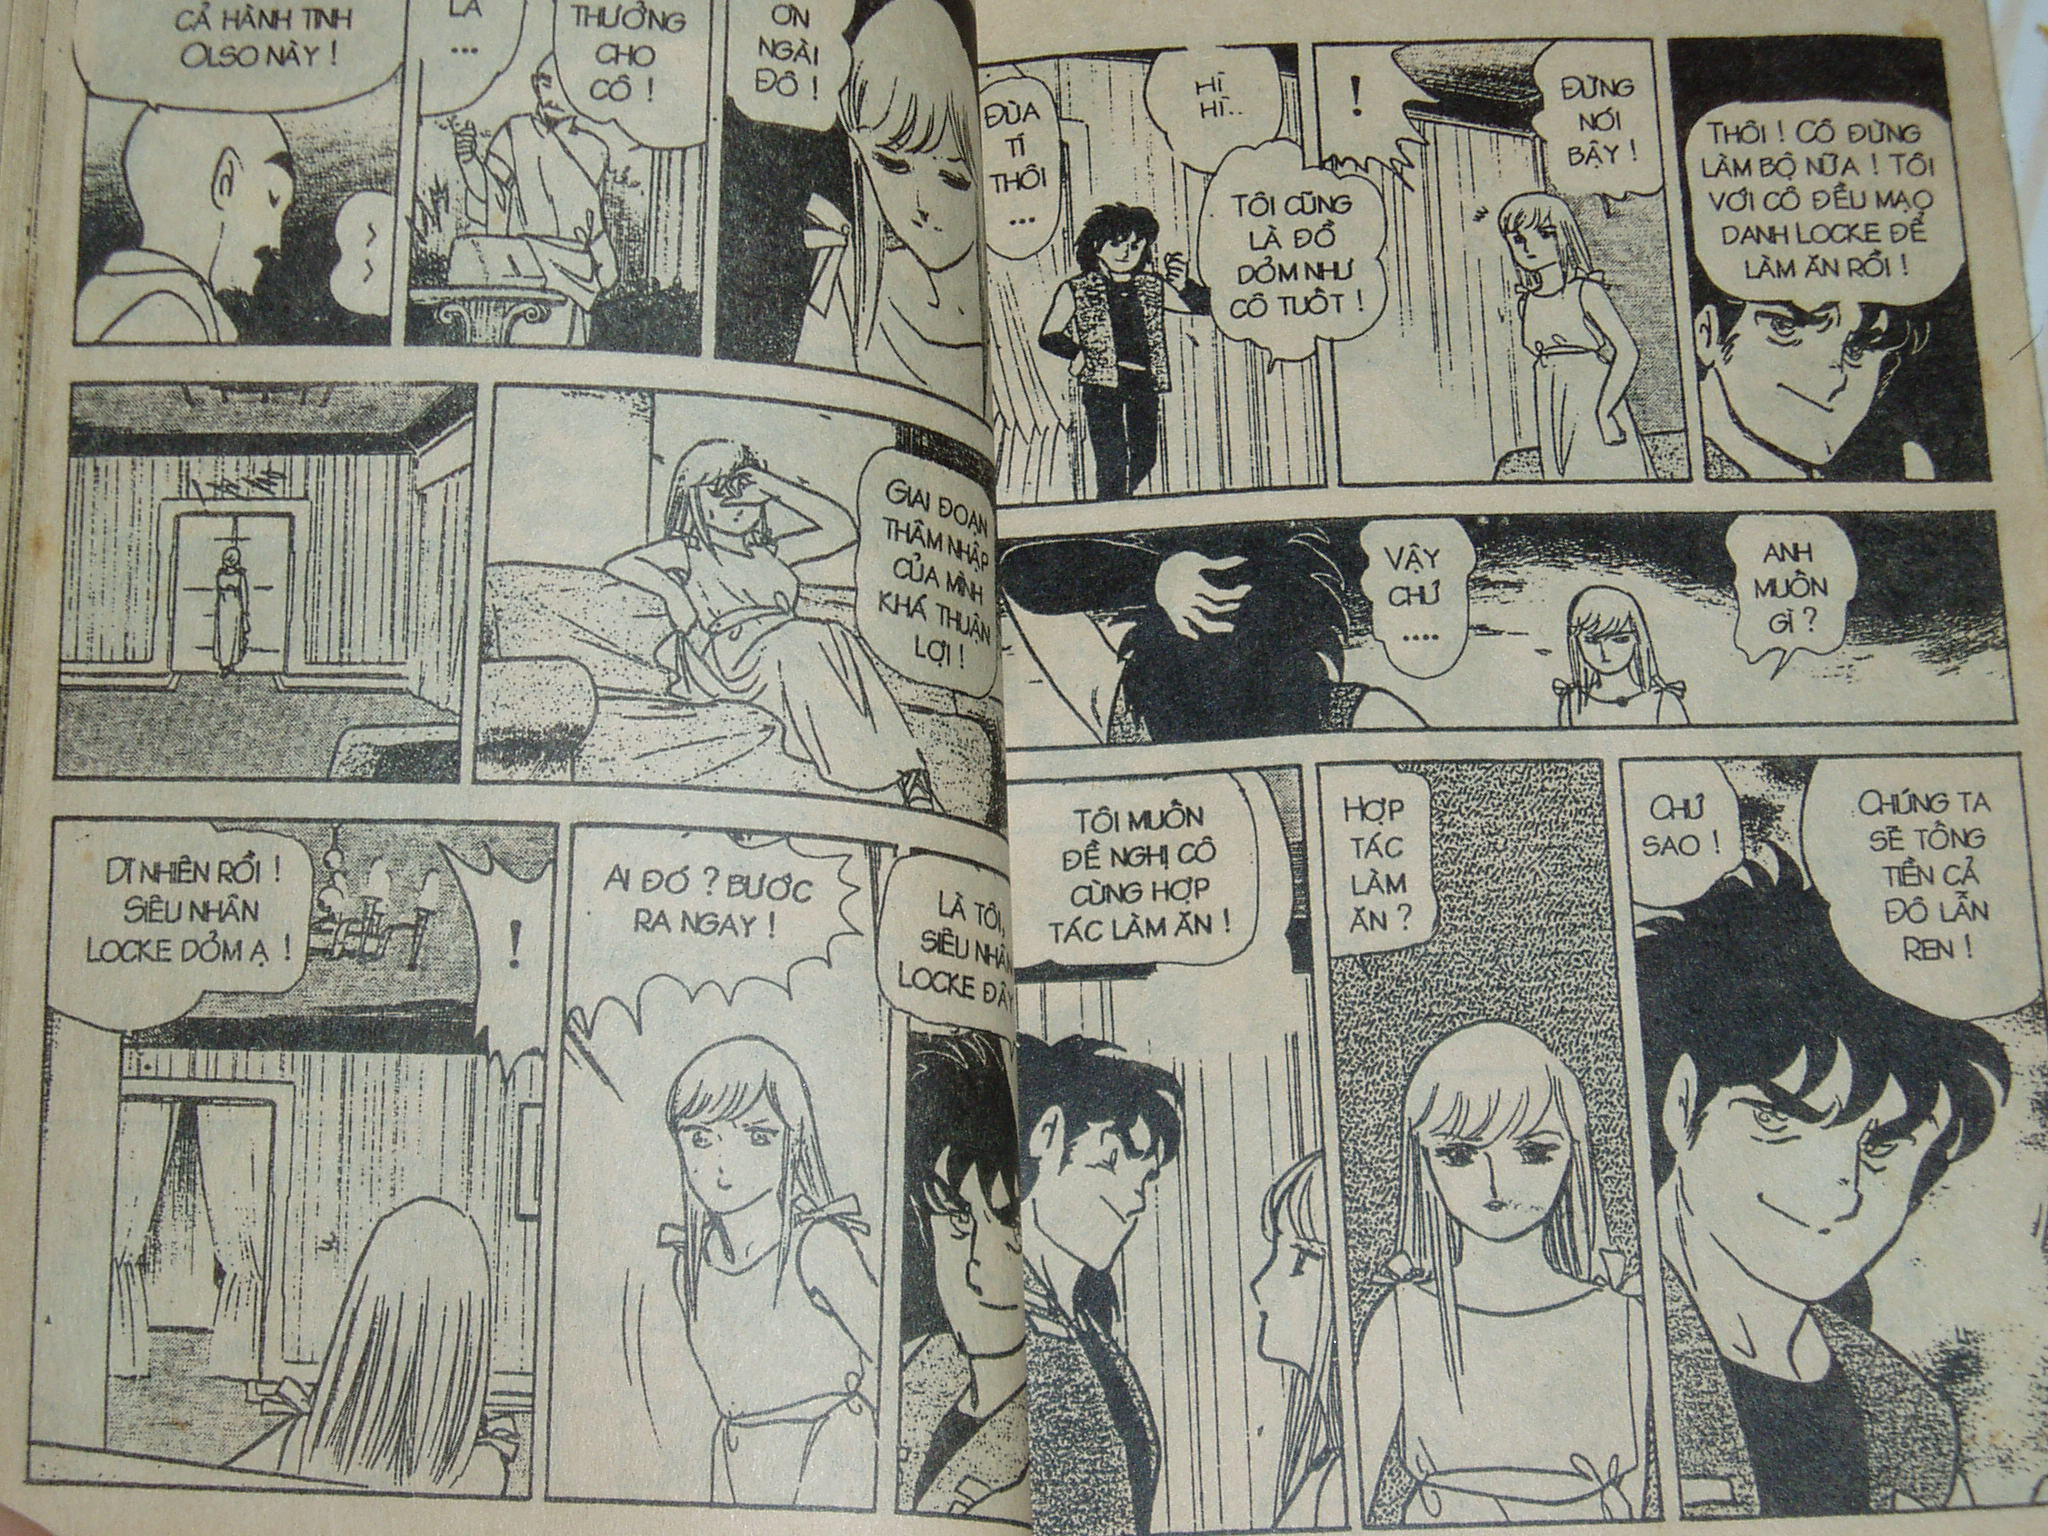 Siêu nhân Locke vol 18 trang 21